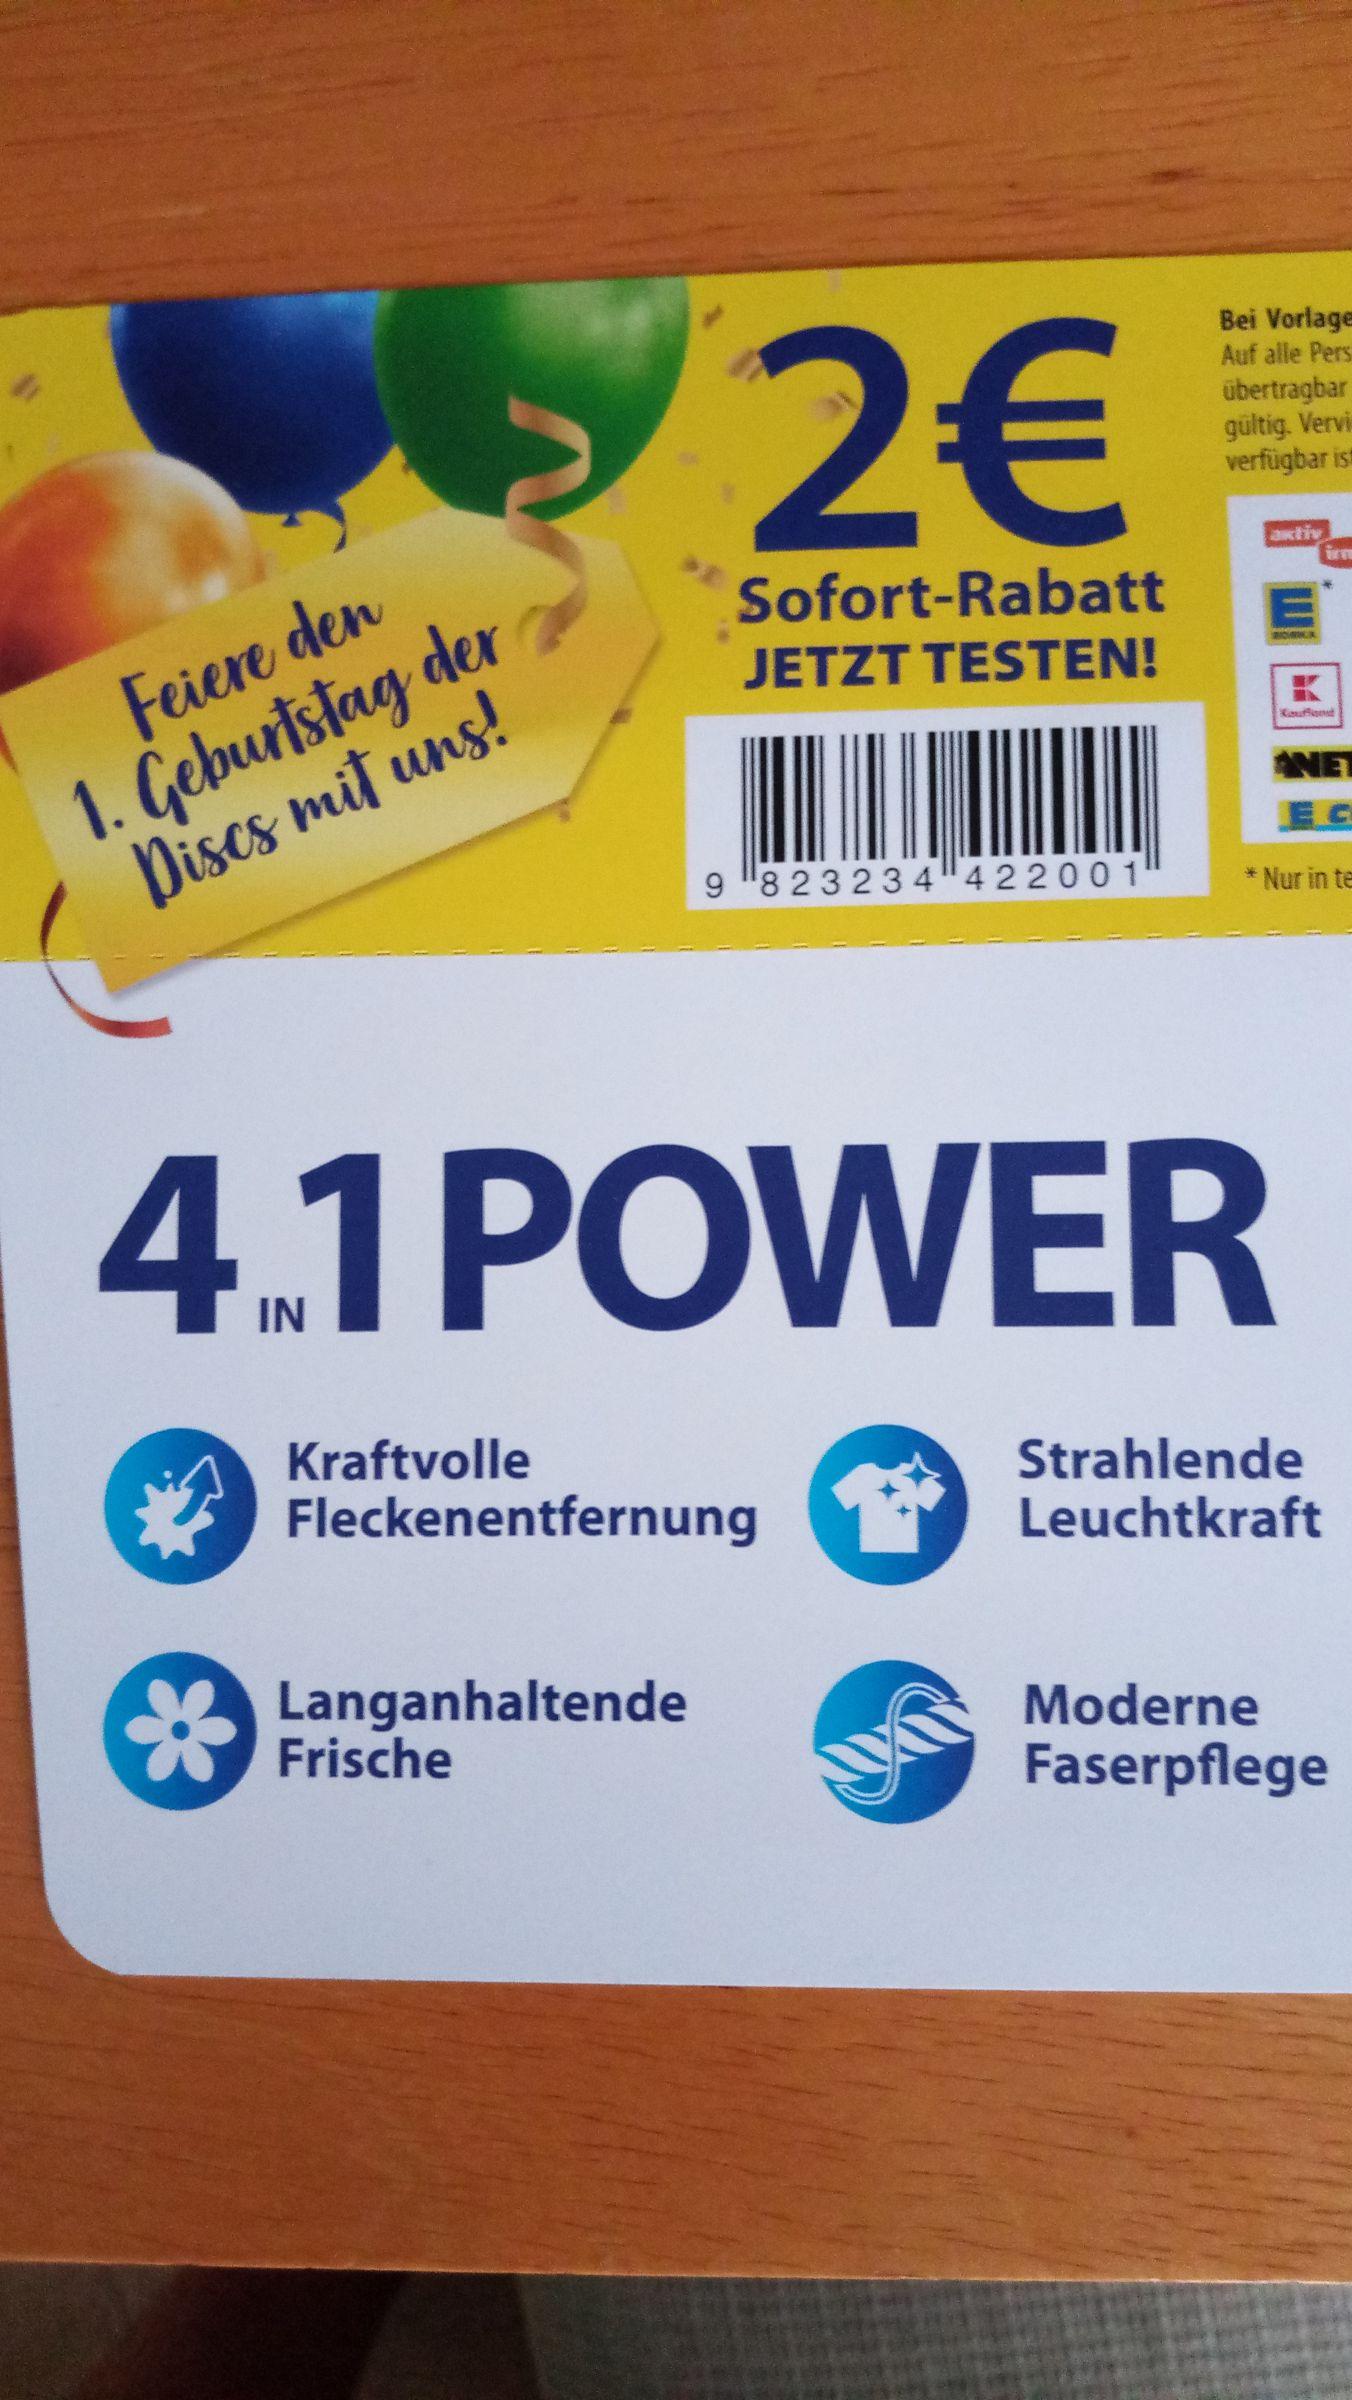 2 Euro Rabatt auf Persil Disc